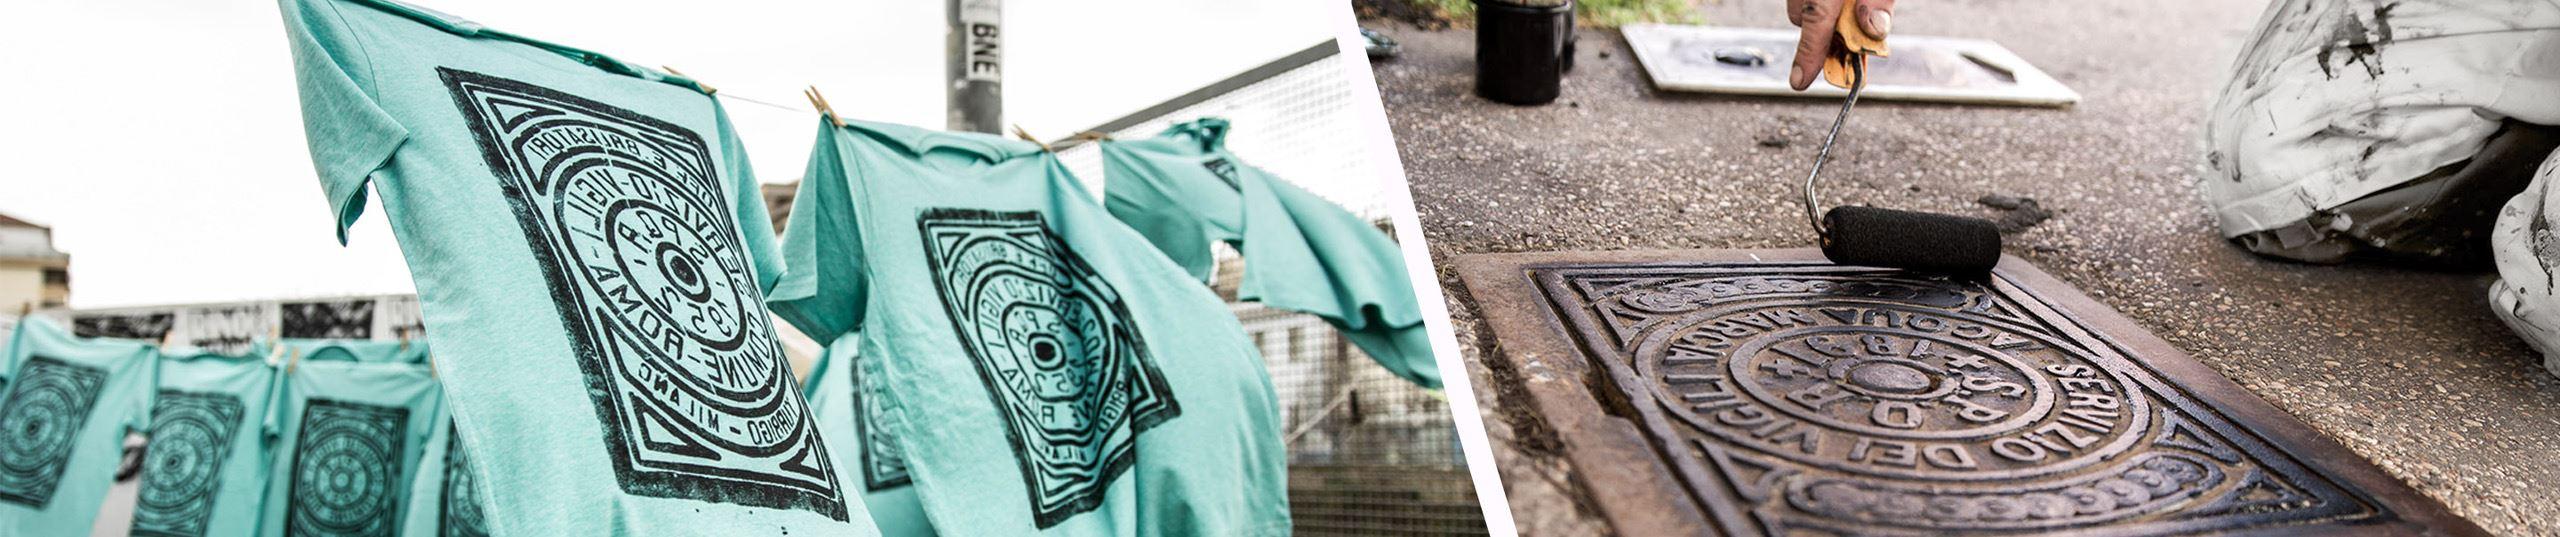 Ifö Center,  © Ifö Center, Streetprinting - ditt avtryck från staden